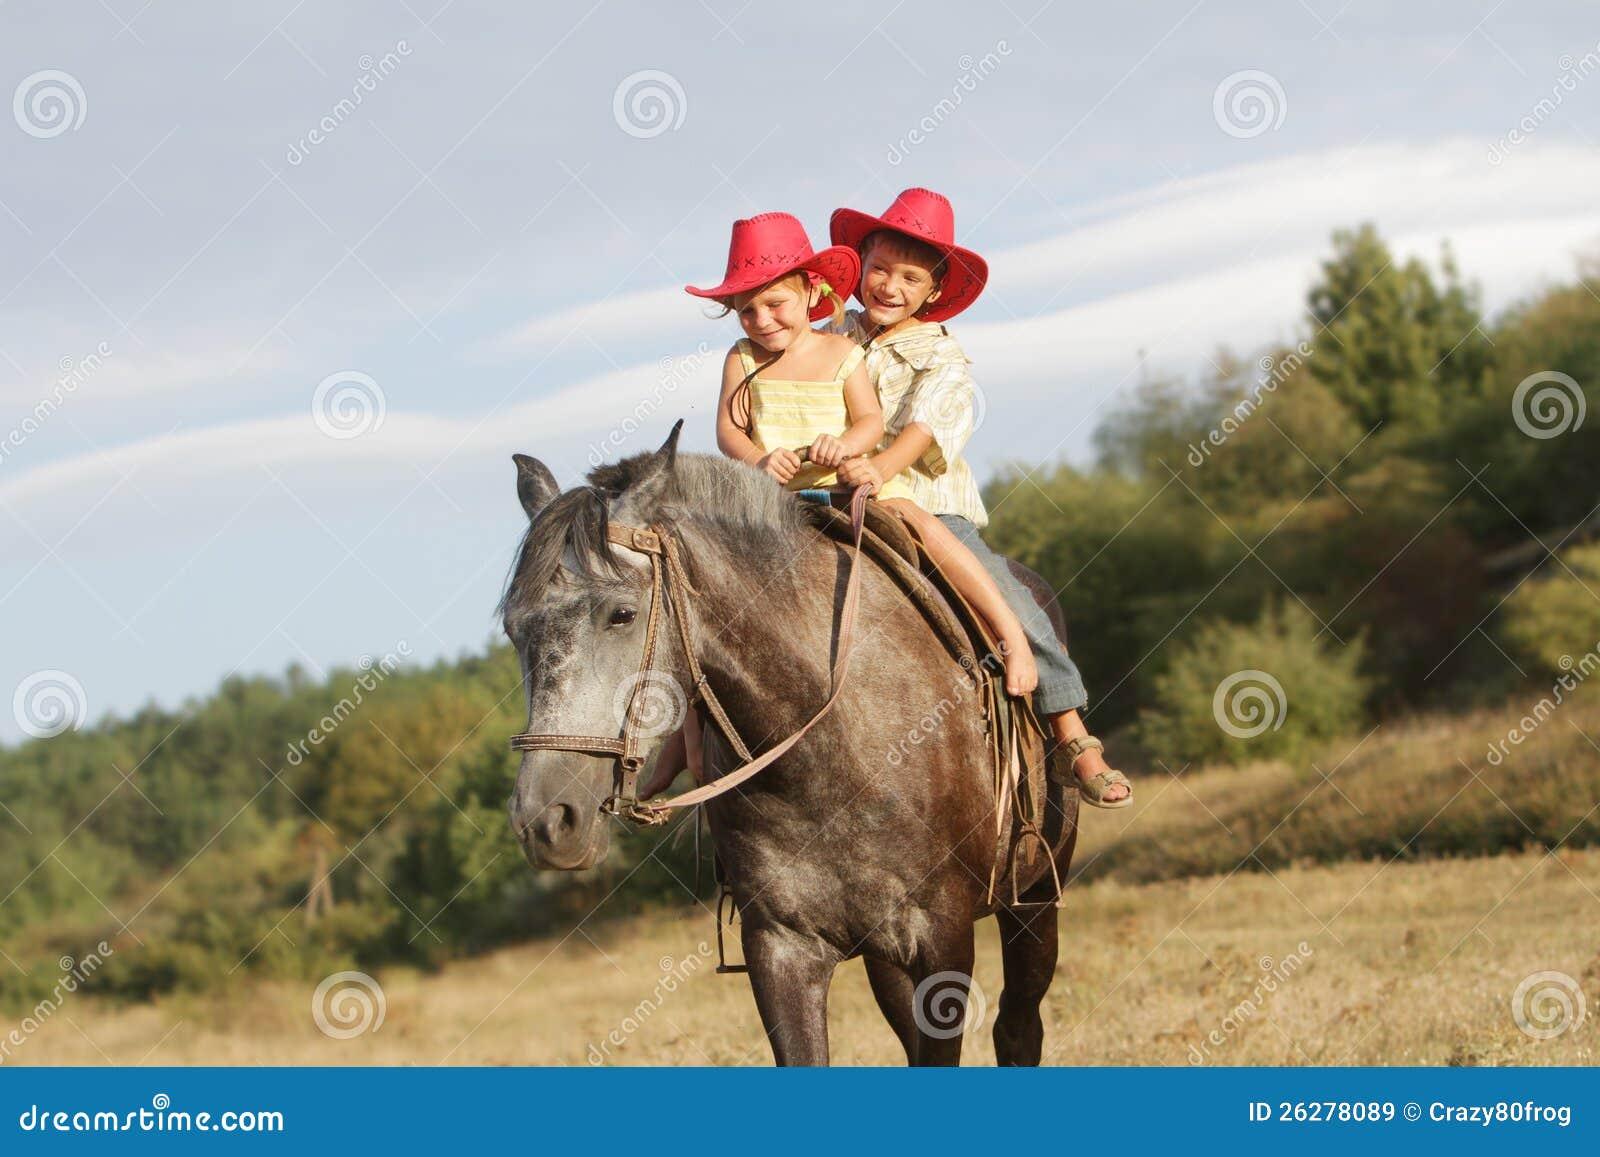 cowboy horse riding